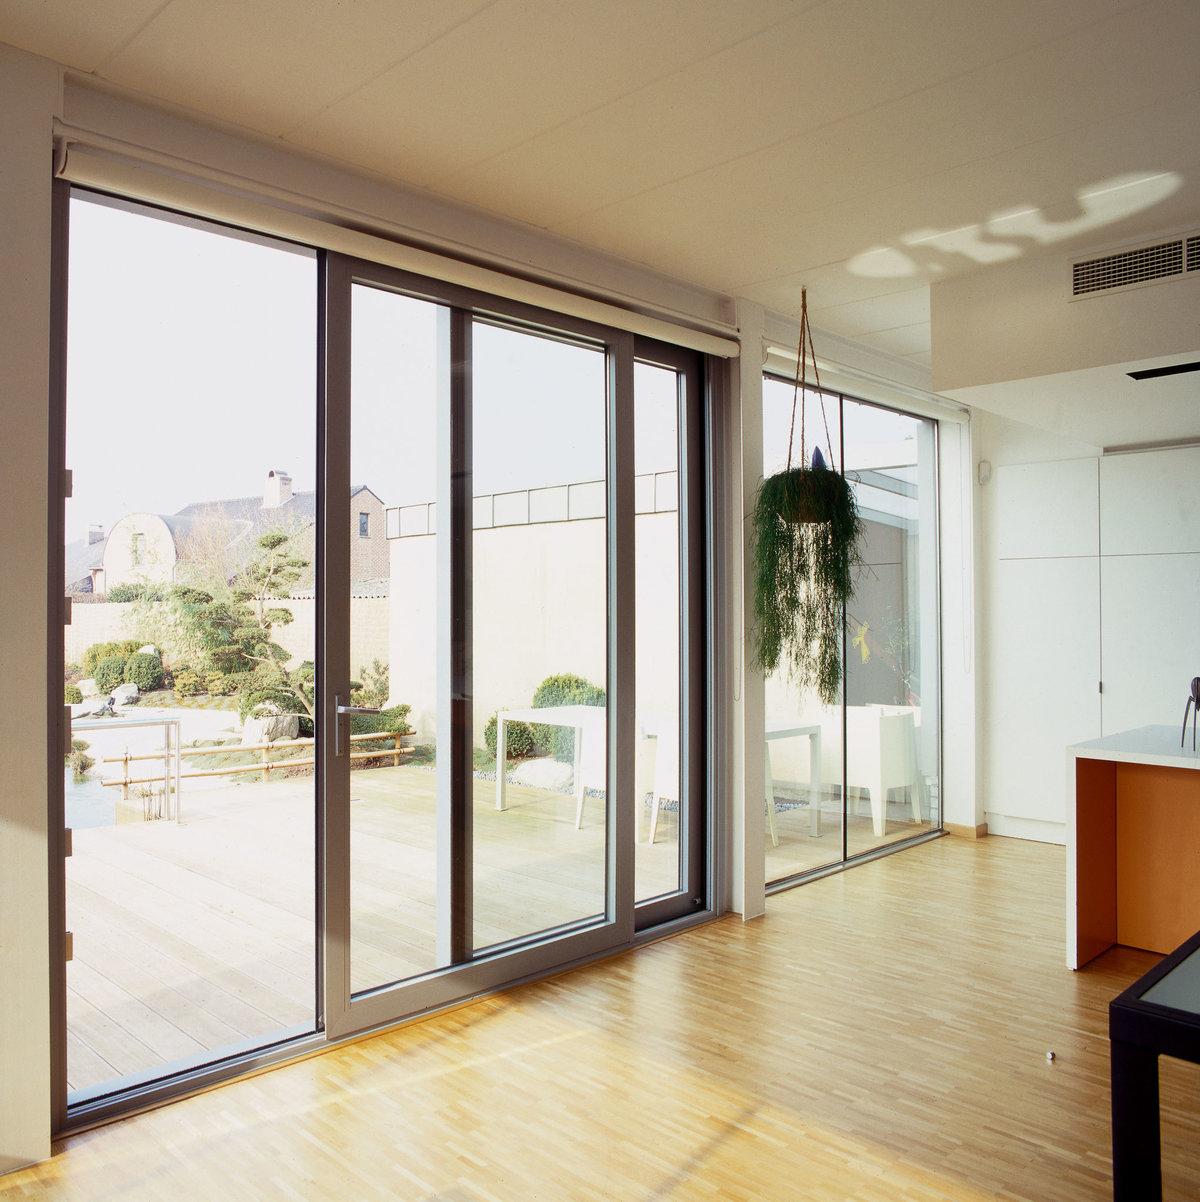 раздвижные двери для балкона фото всего наблюдать